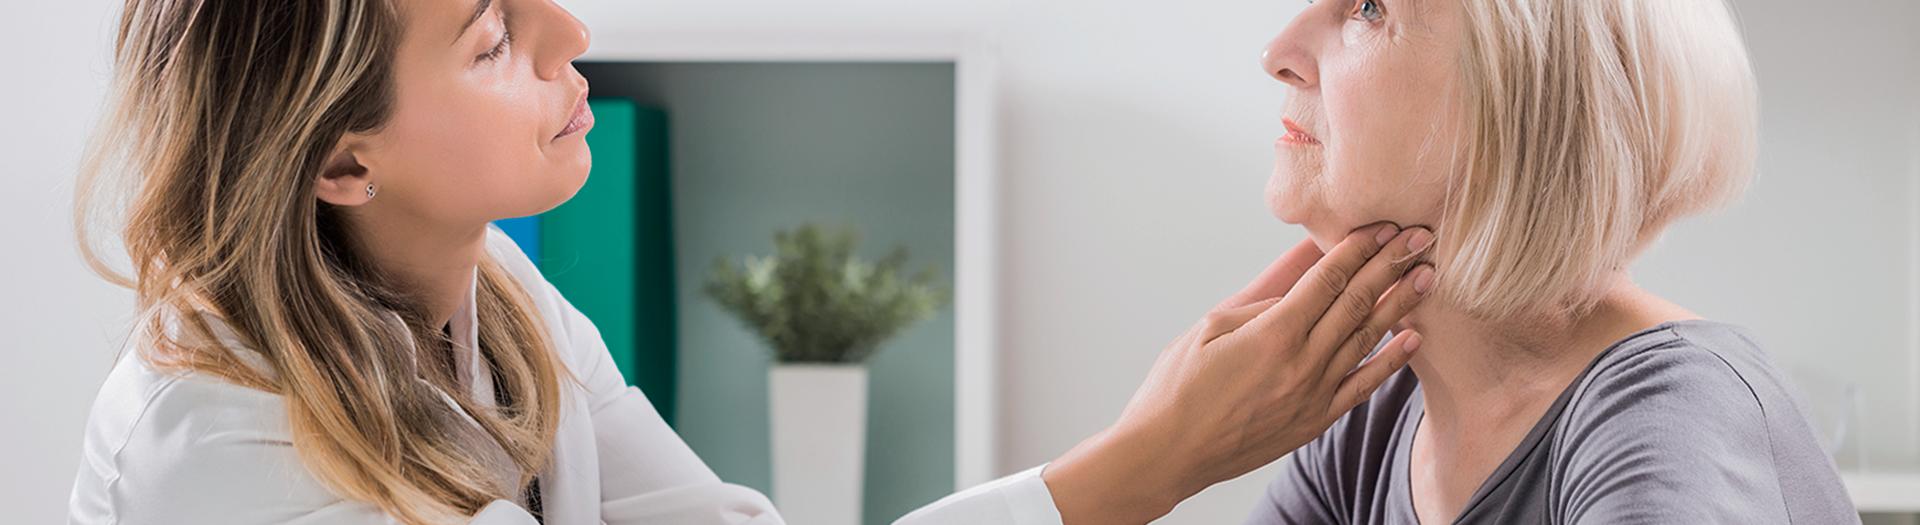 Antyseptyczność wleczeniu infekcji gardła